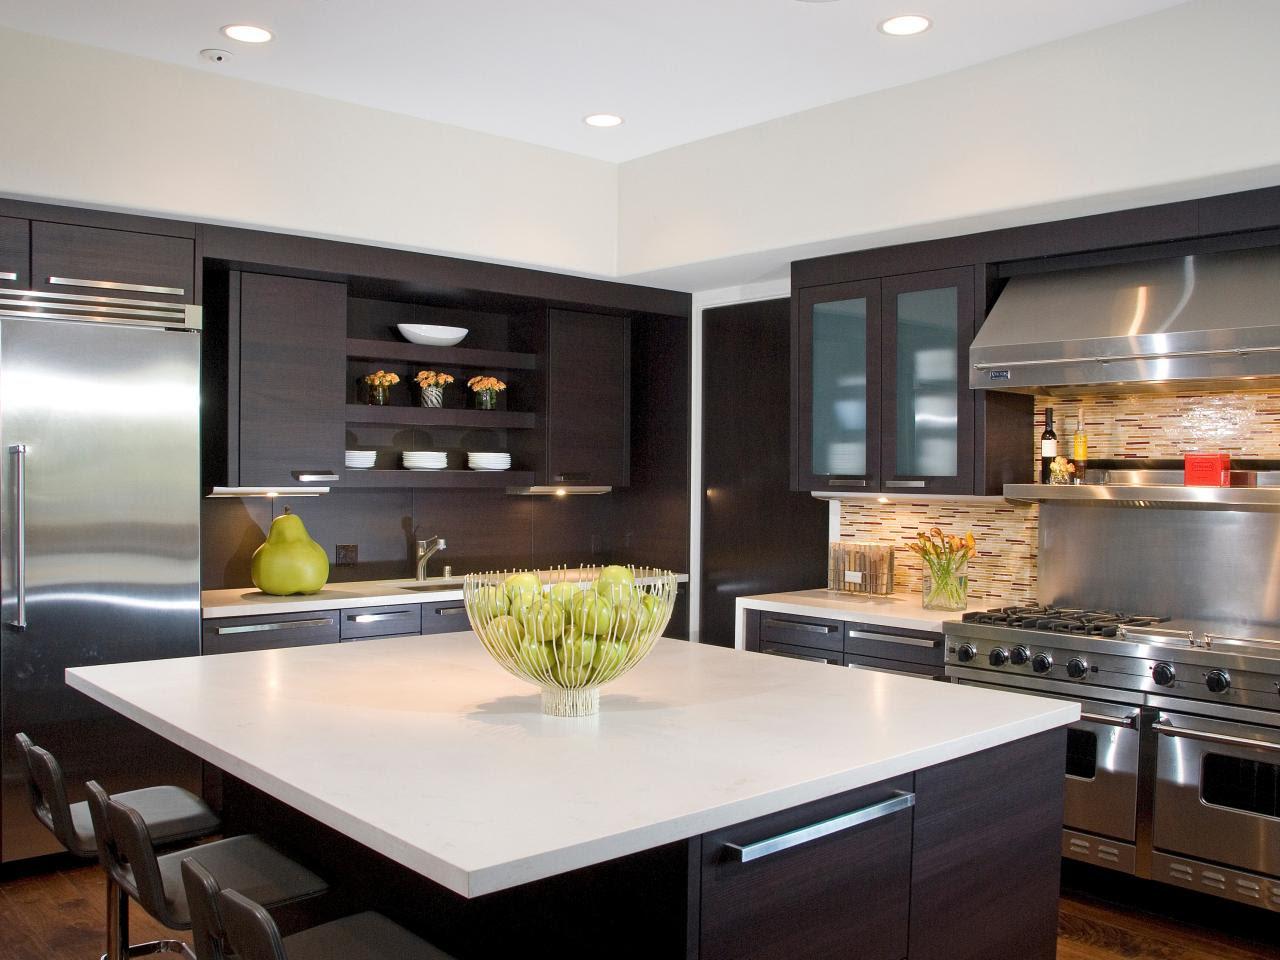 Dreamy Kitchen Storage Solutions | Kitchen Ideas & Design ...